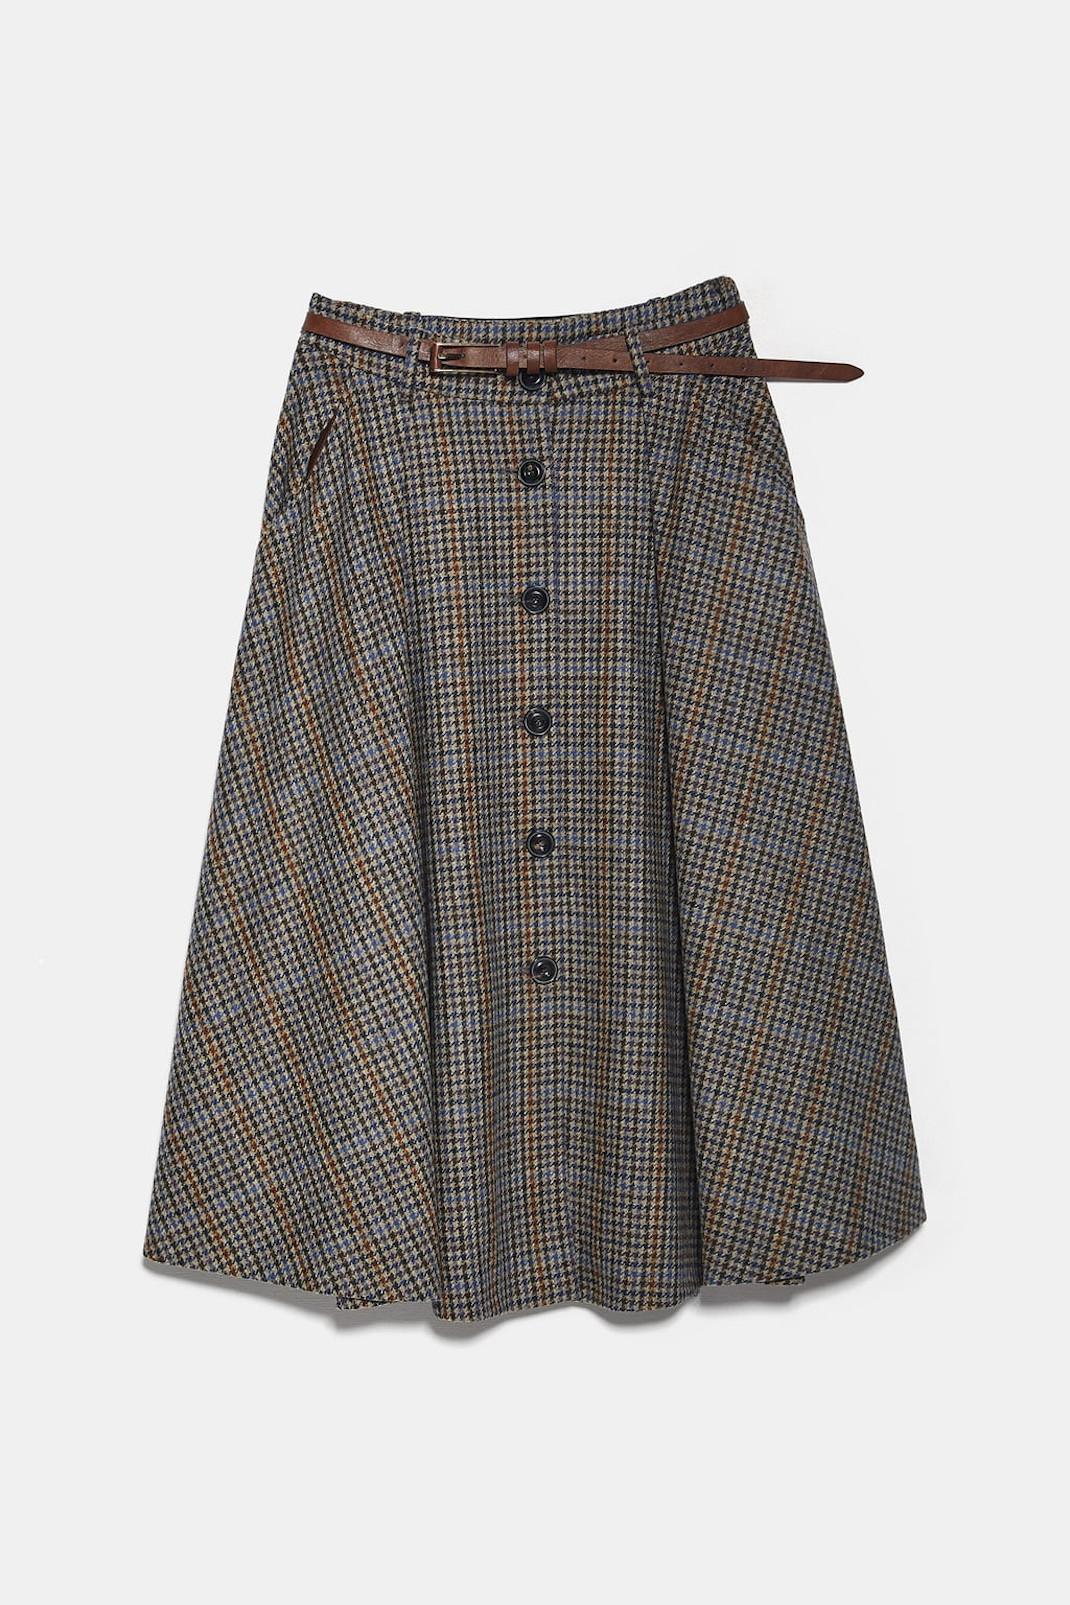 Η φούστα από τα Zara